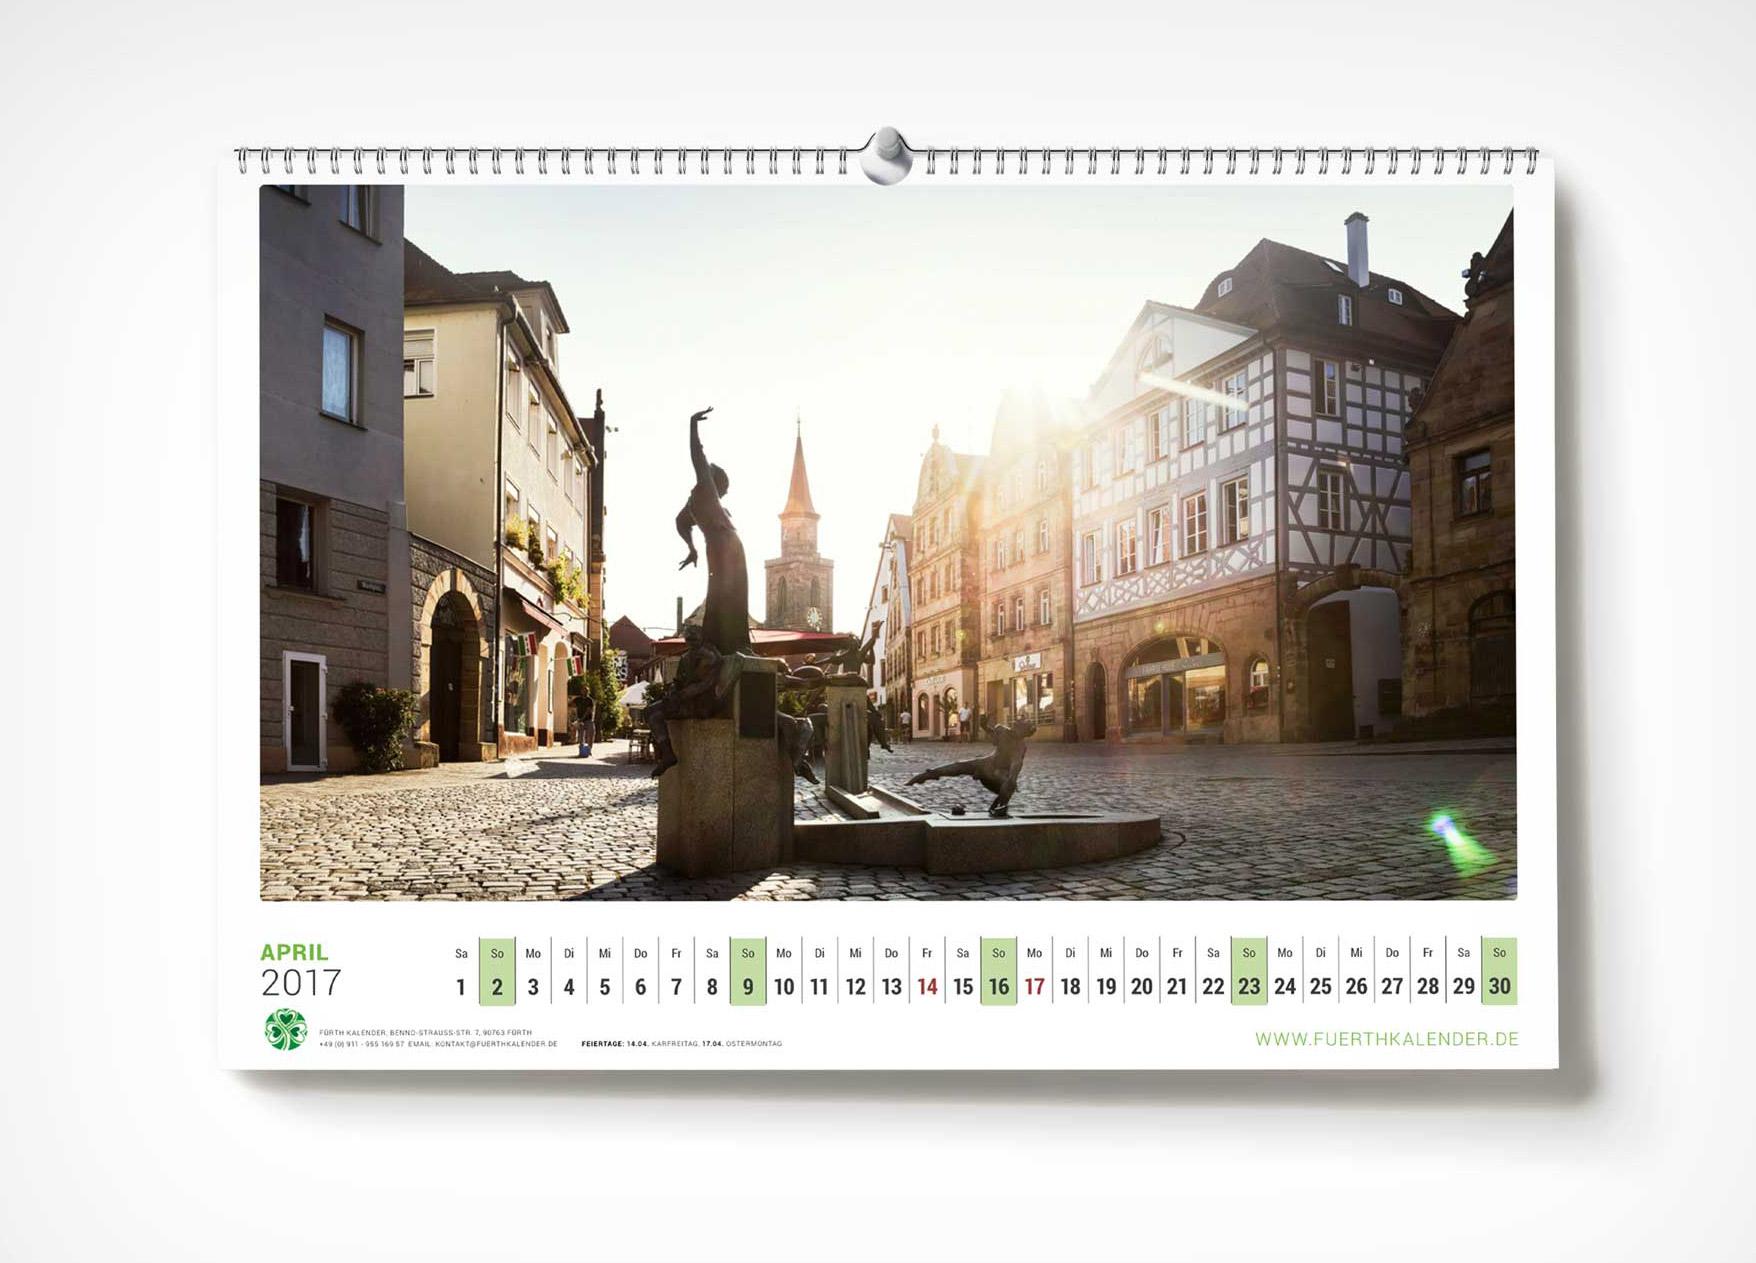 Fürth Kalender 2017